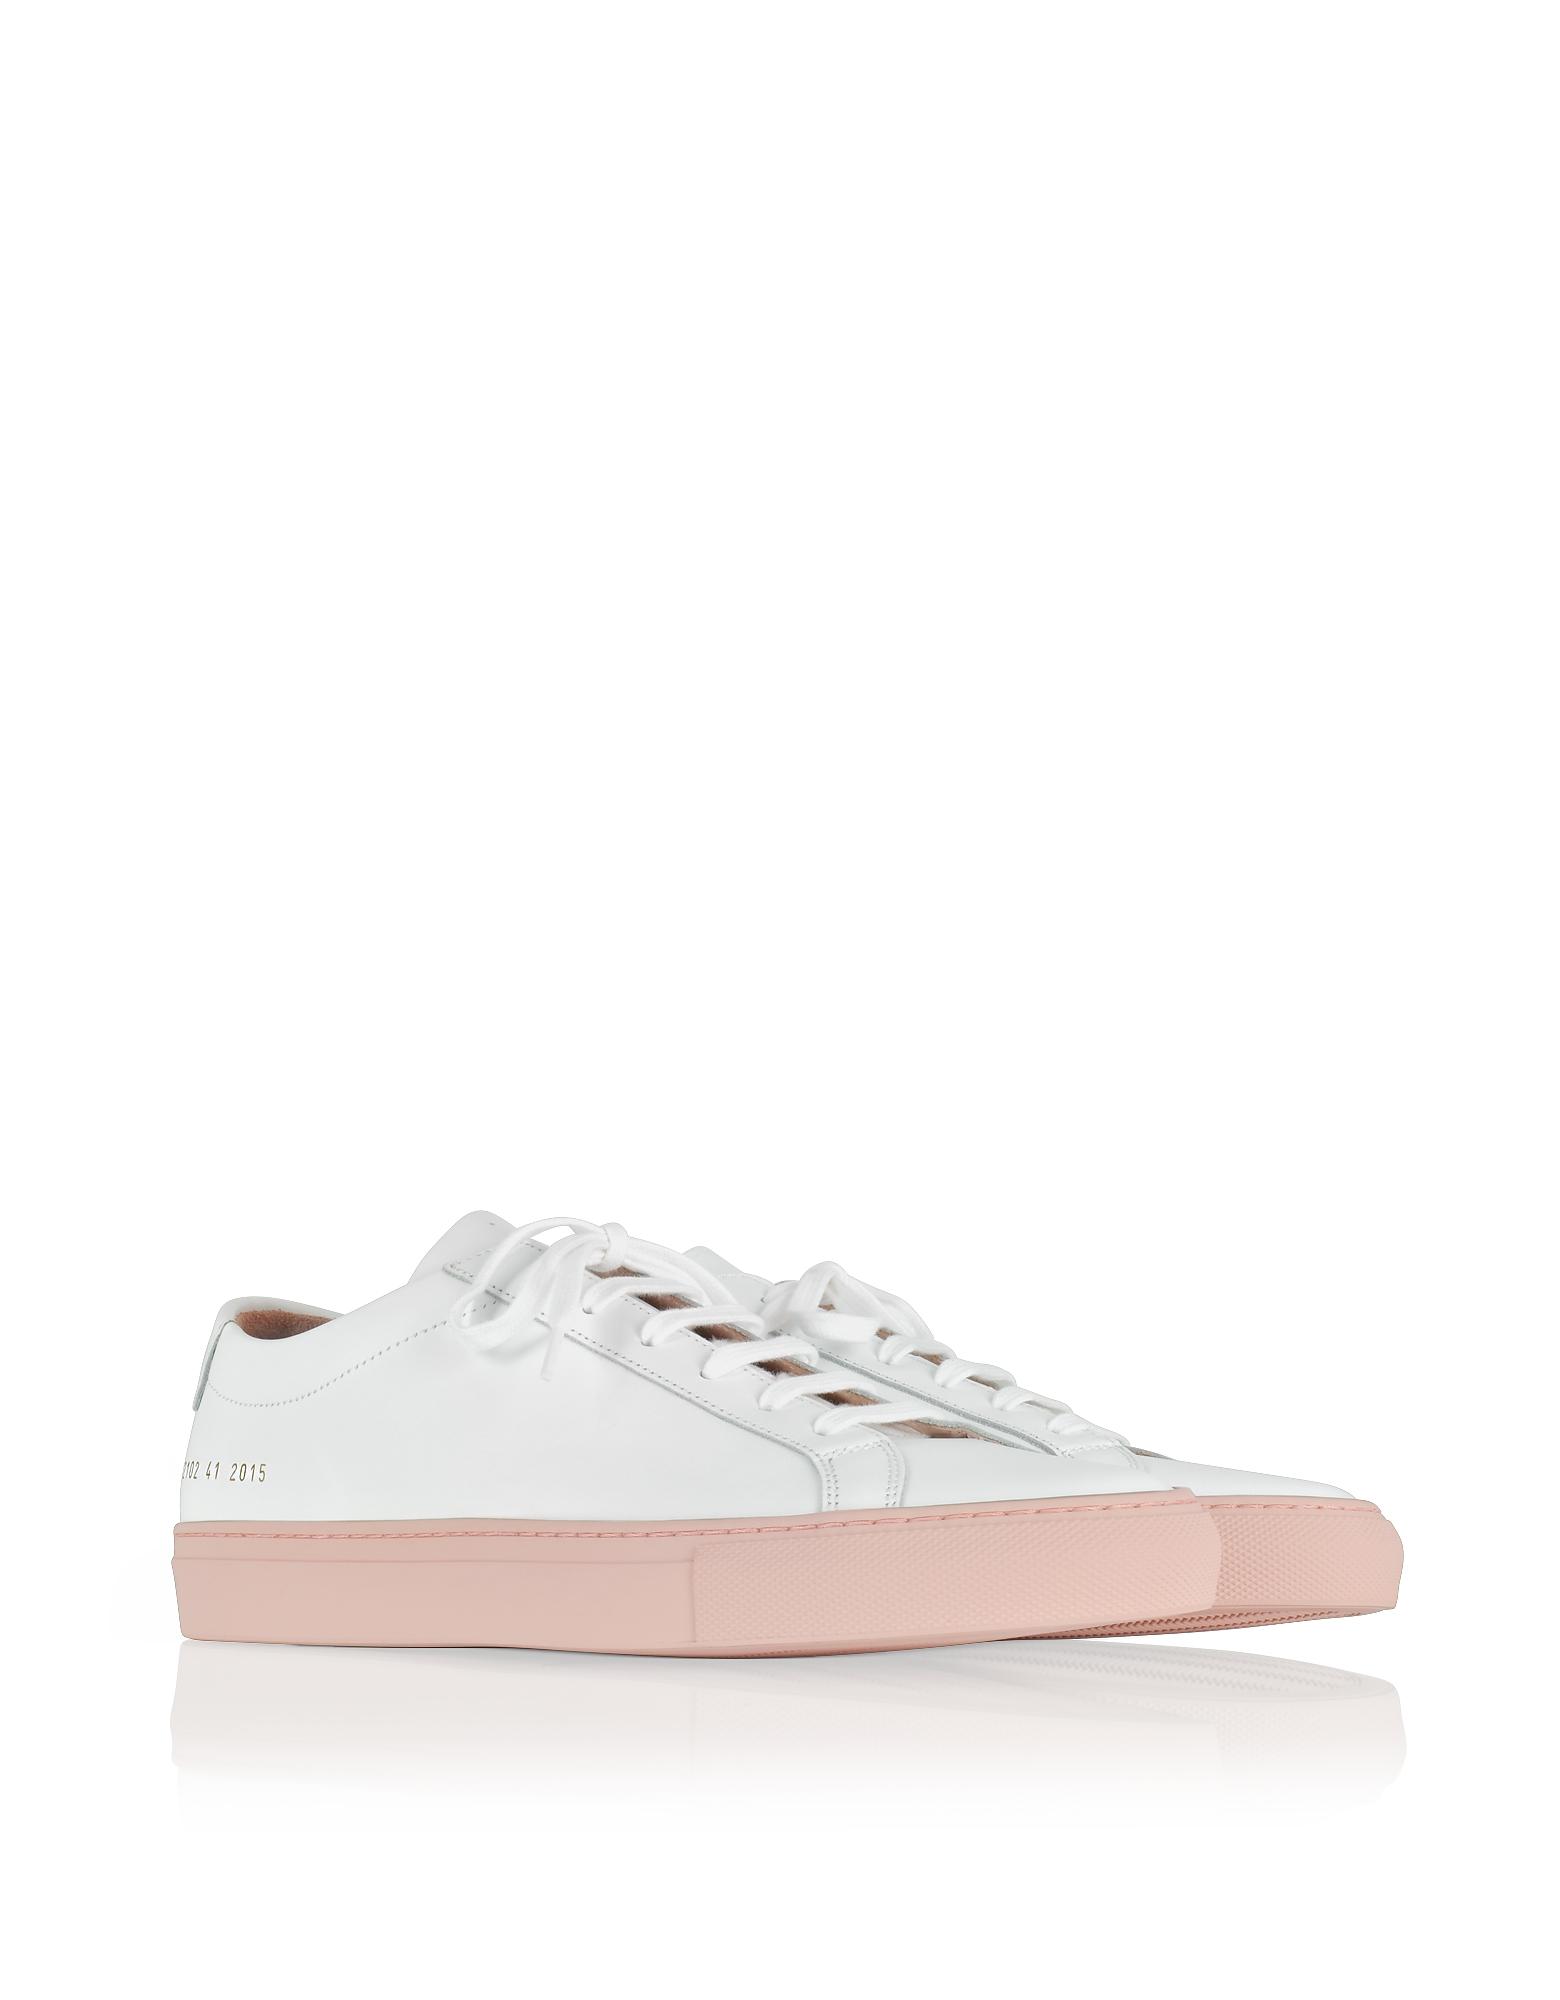 Фото Achilles - Низкие Белые Кожаные Мужские Кроссовки со Светло-Розовой Резиновой Подошвой. Купить с доставкой